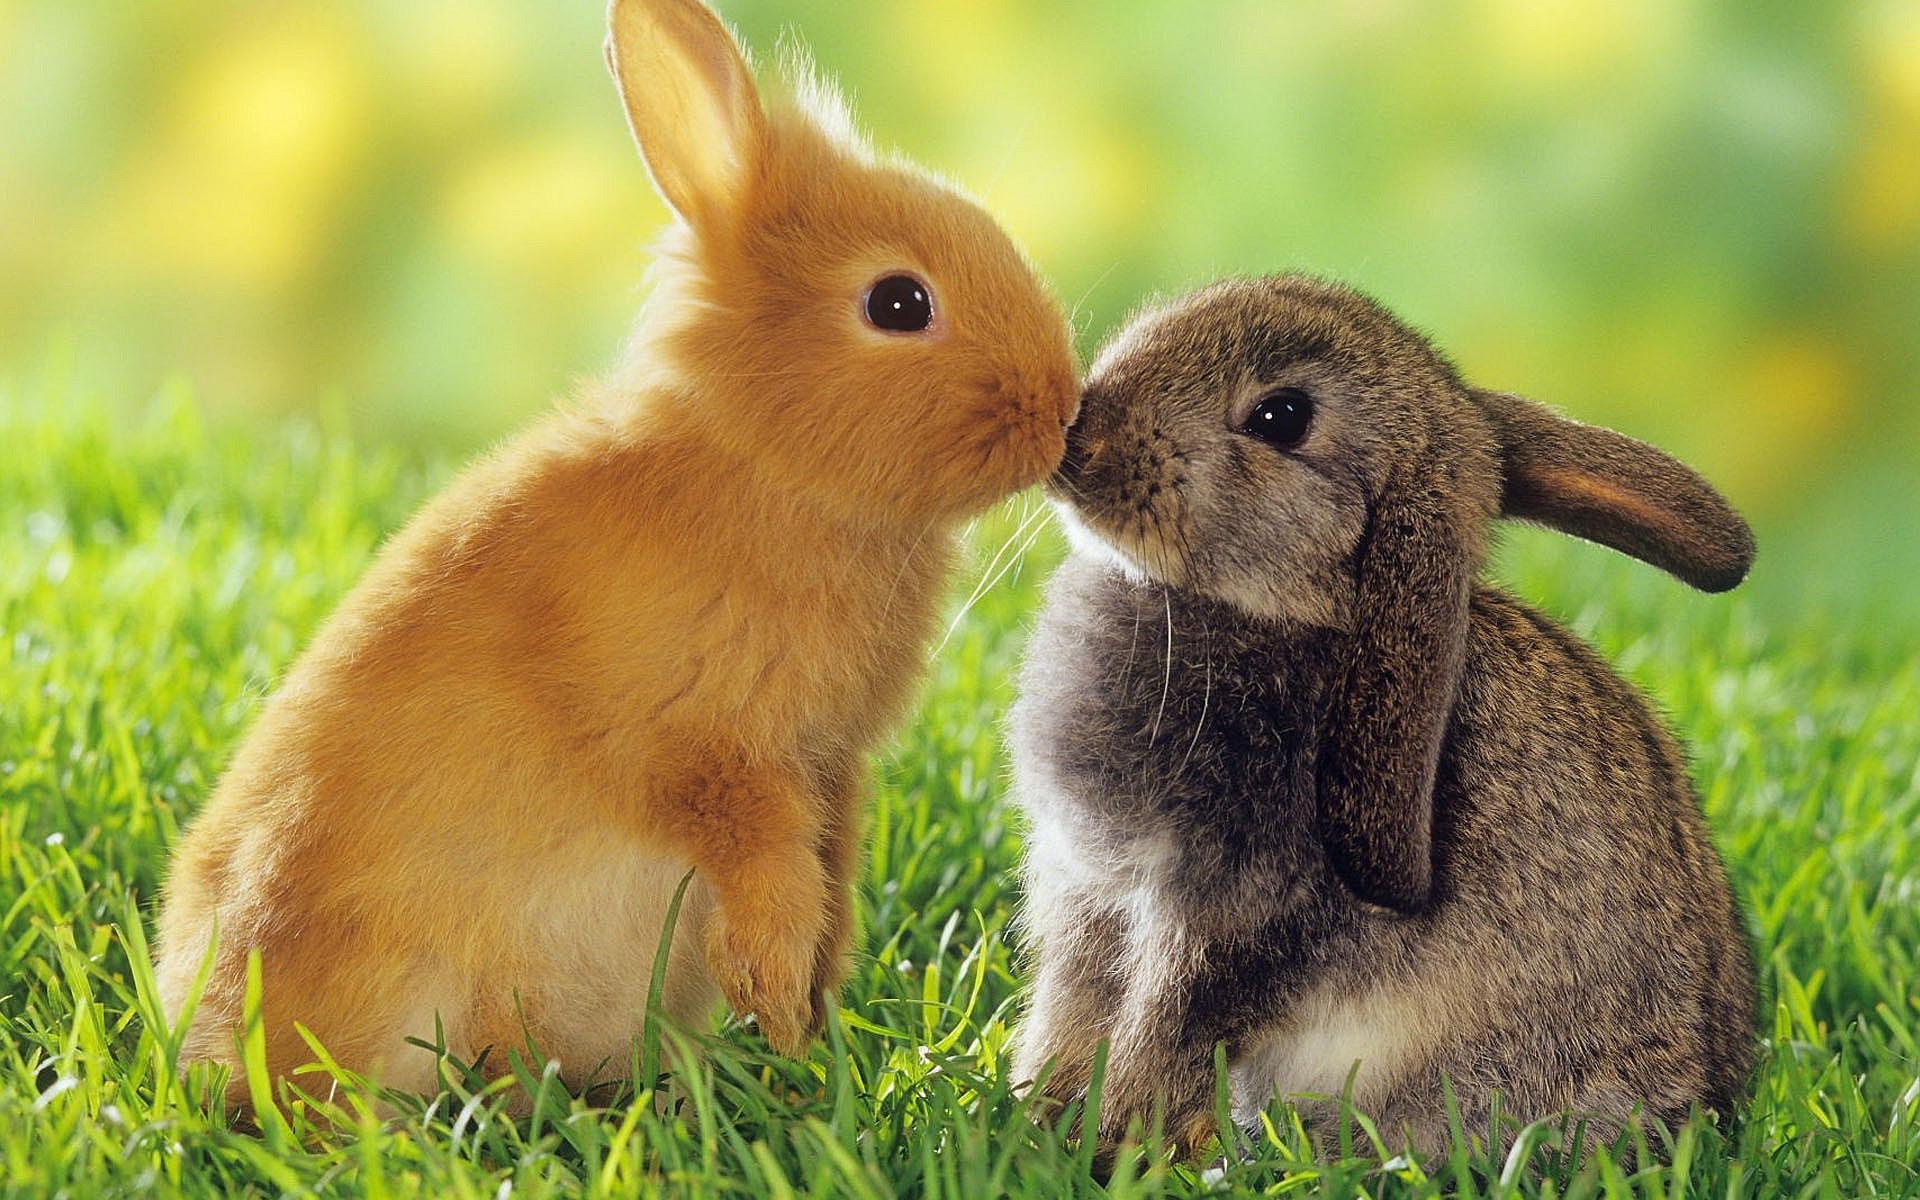 4K Rabbits wallpapers